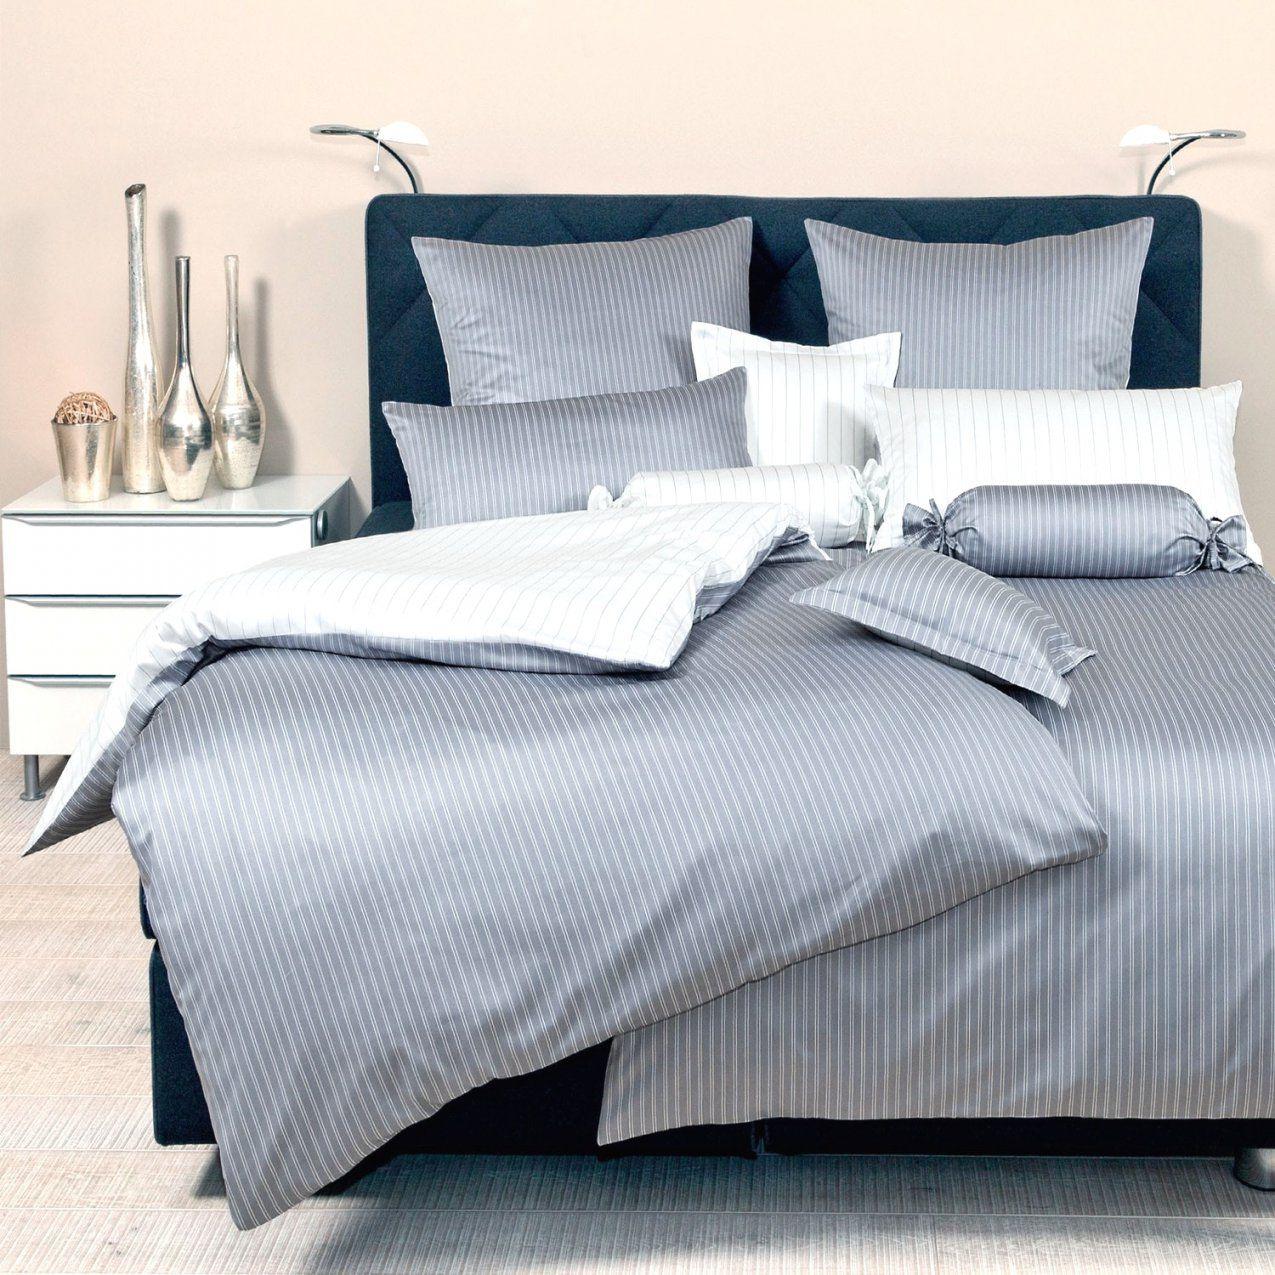 phantasievolle ideen aldi bettw sche 155 220 und wunderbare 155 220 von bettw sche 155x220 aldi. Black Bedroom Furniture Sets. Home Design Ideas